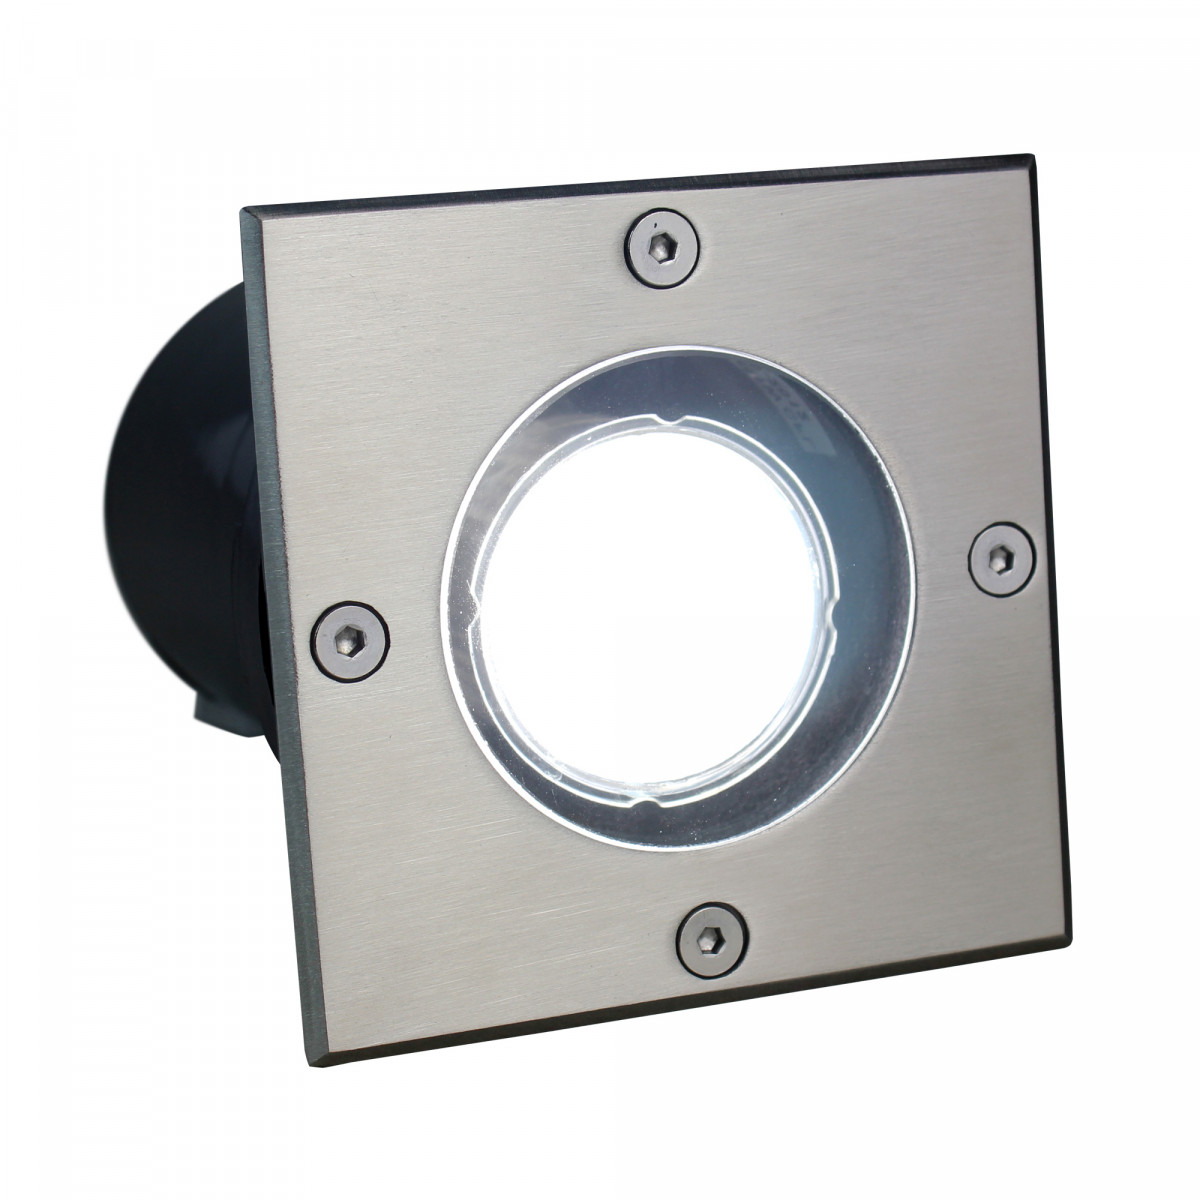 KS Grondspot LED Vierkant